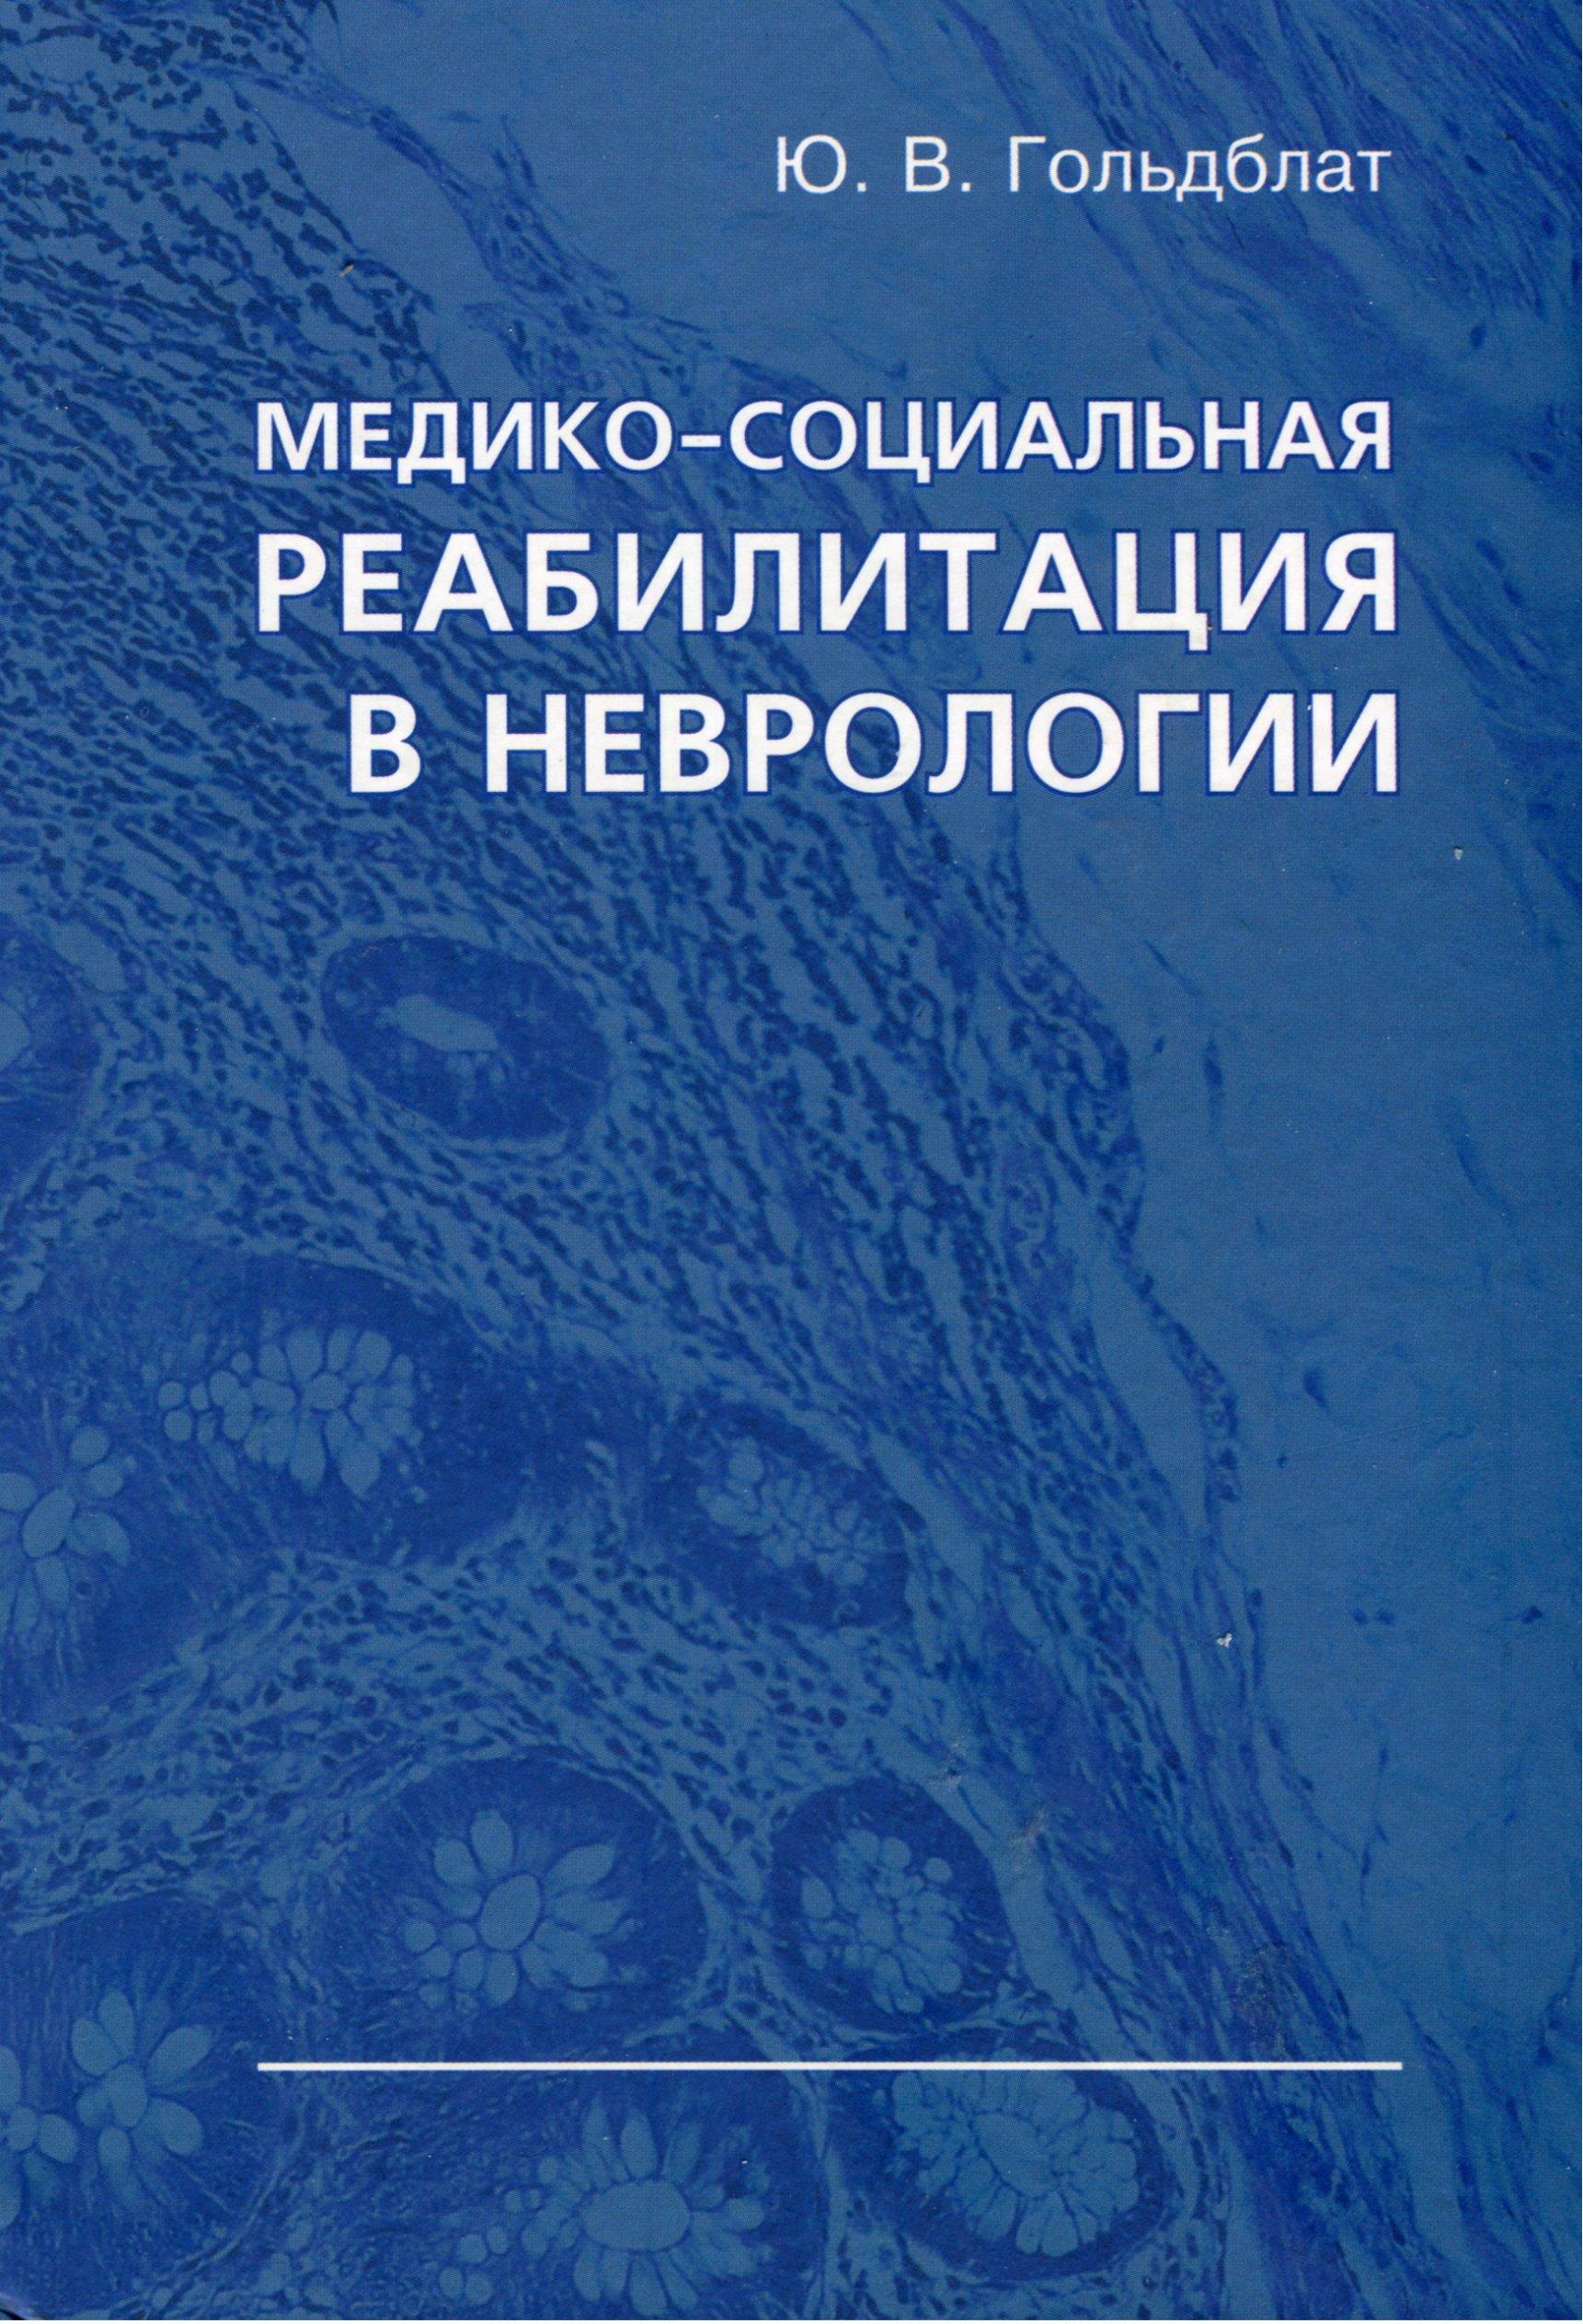 Ю. В. Гольдблат Медико-социальная реабилитация в неврологии